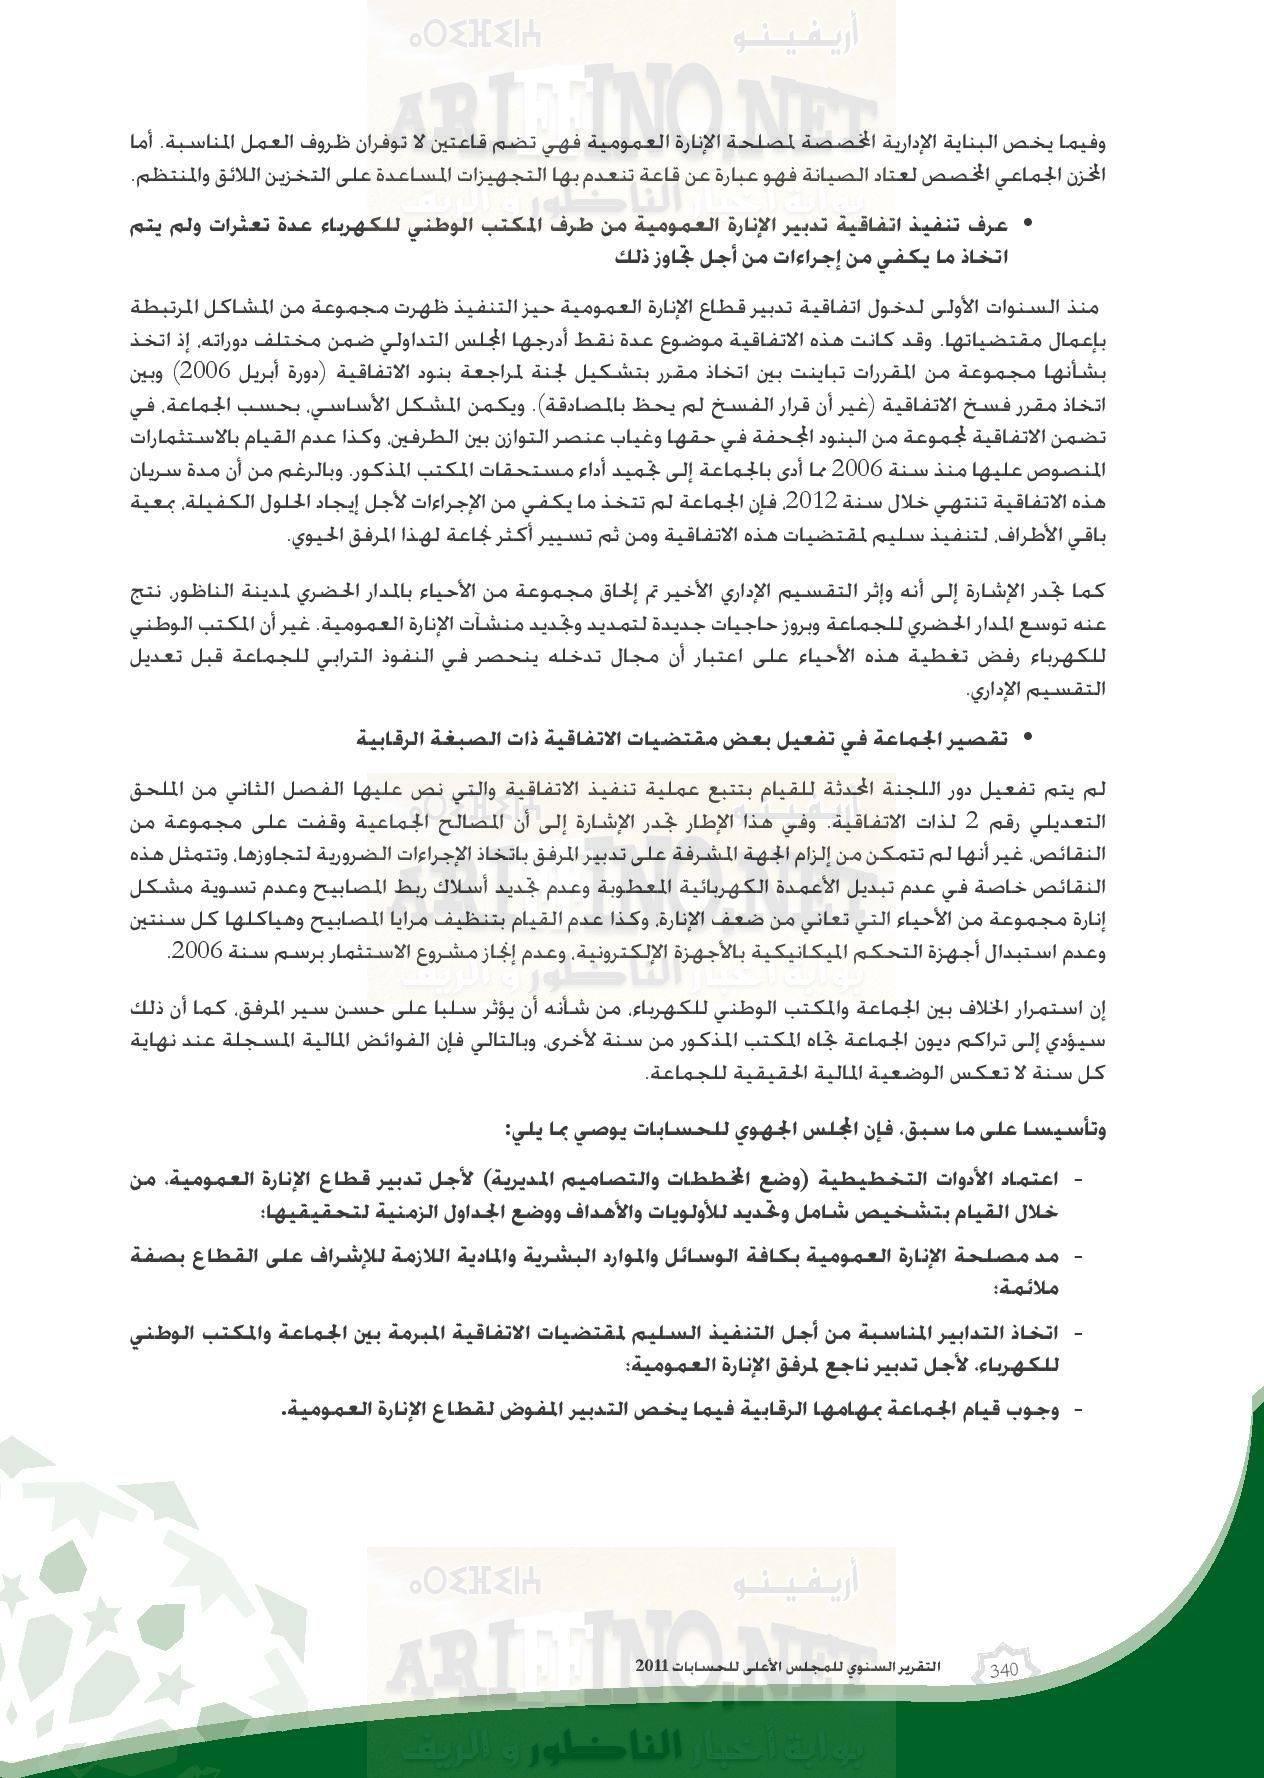 nador_0066 تقرير المجلس الاعلى للحسابات: بلدية الناظور تعيش إختلالات و عشوائية و عاجزة عن القيام بمهامها